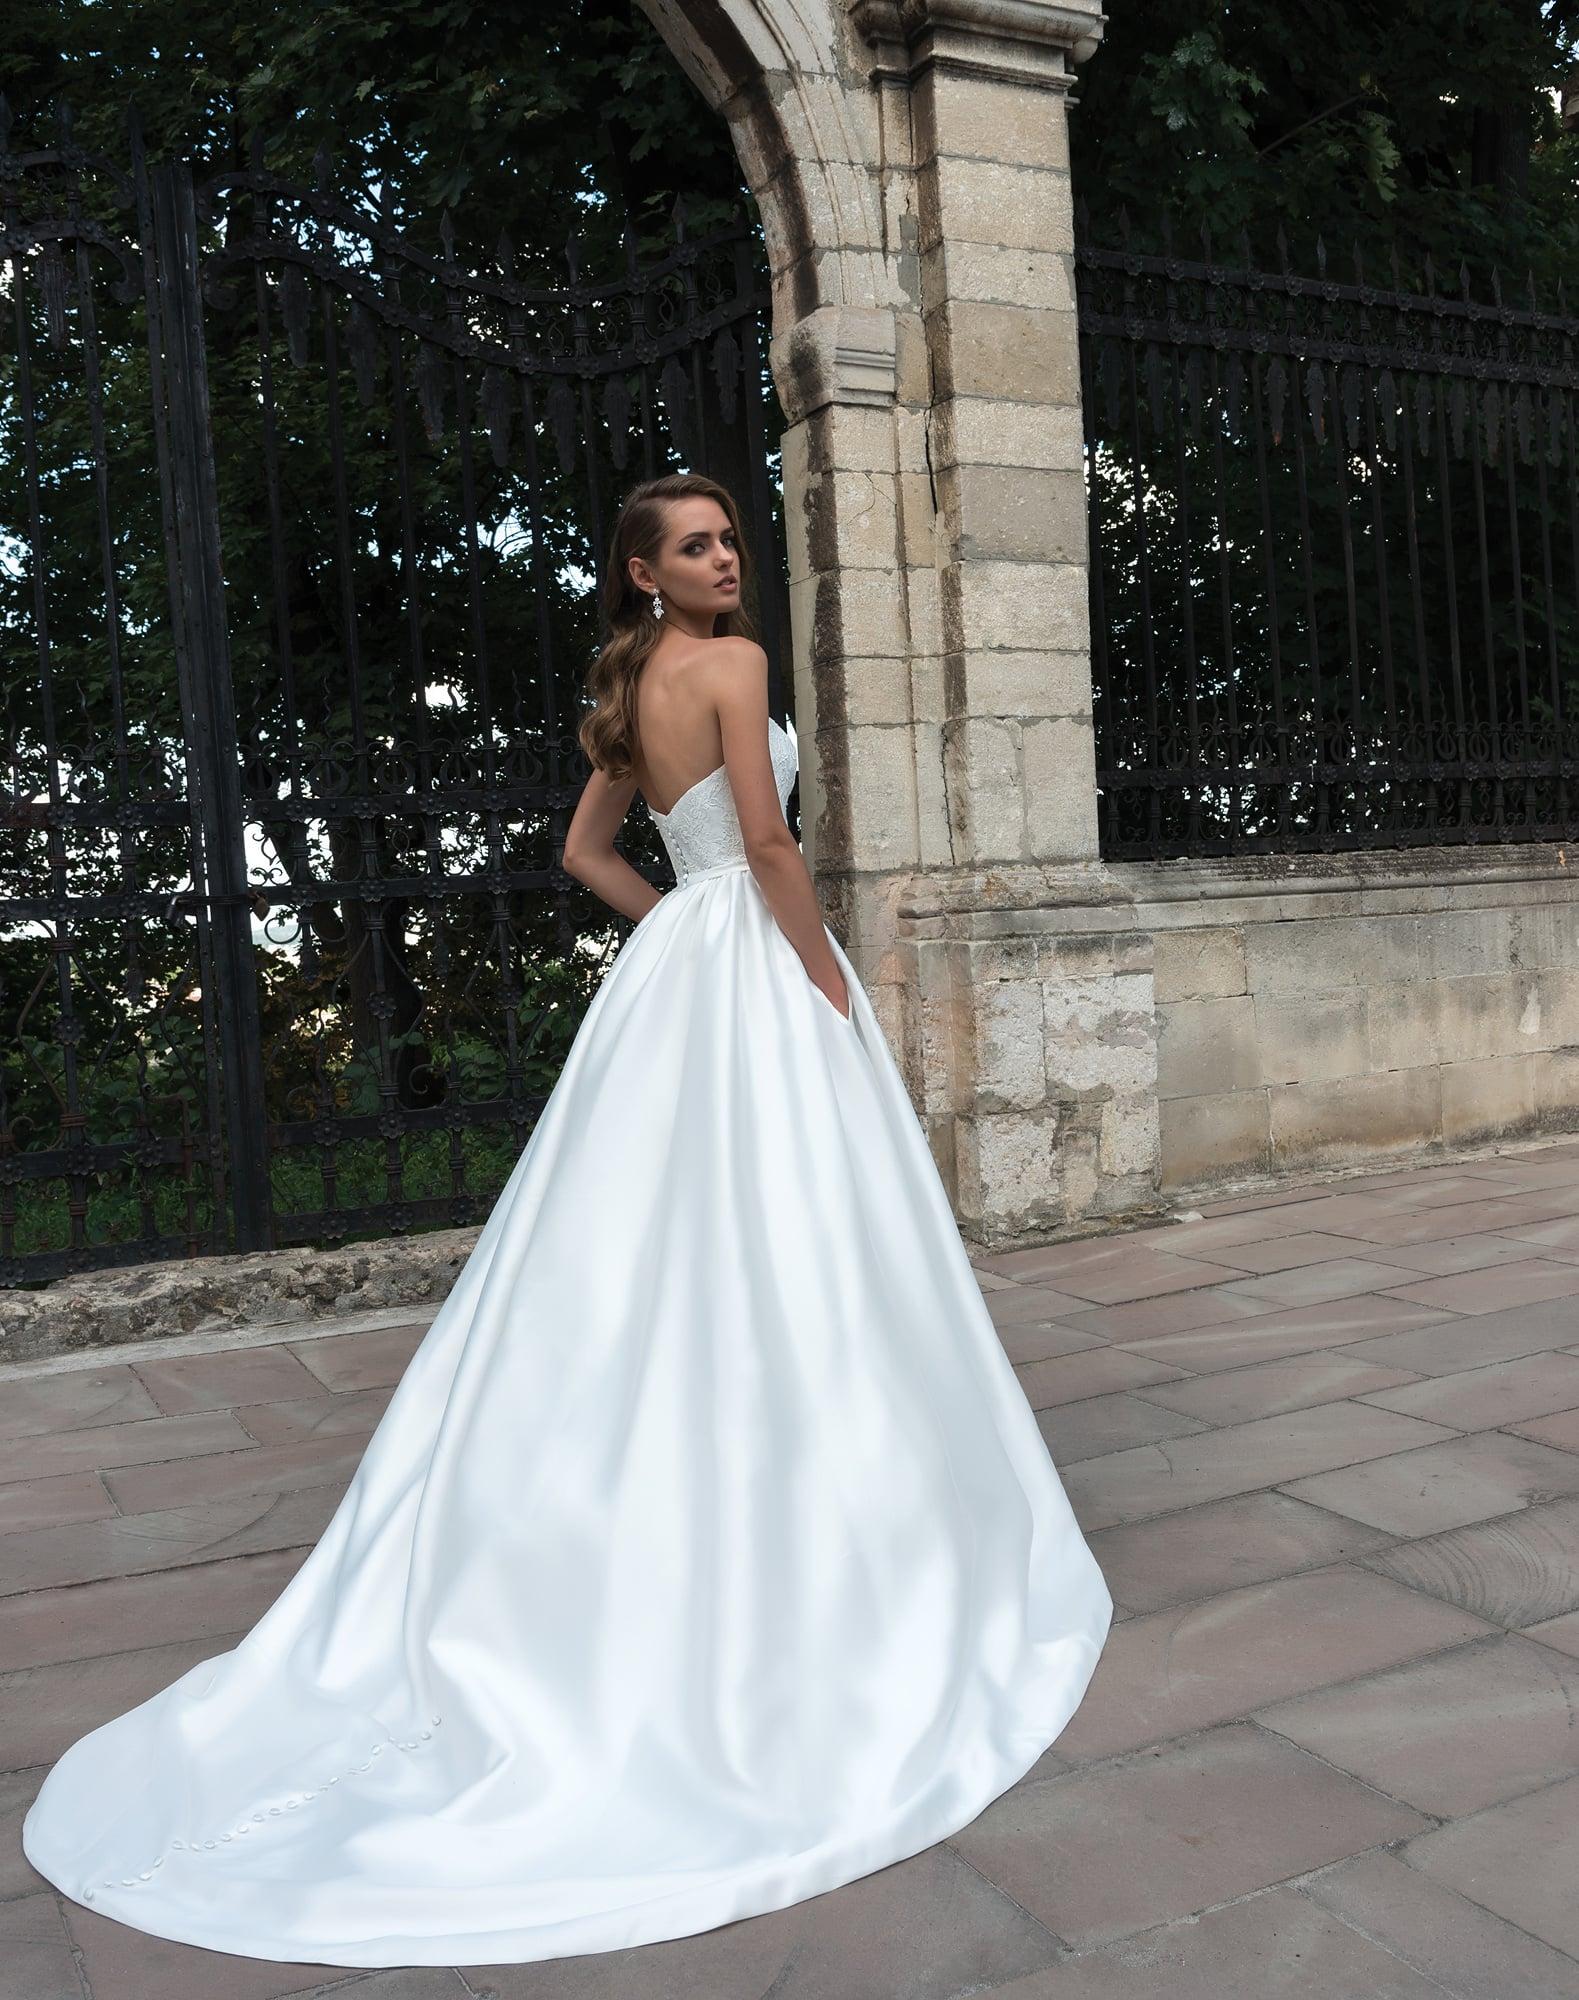 Пышное свадебное платье со скрытыми карманами и кружевным открытым корсетом.